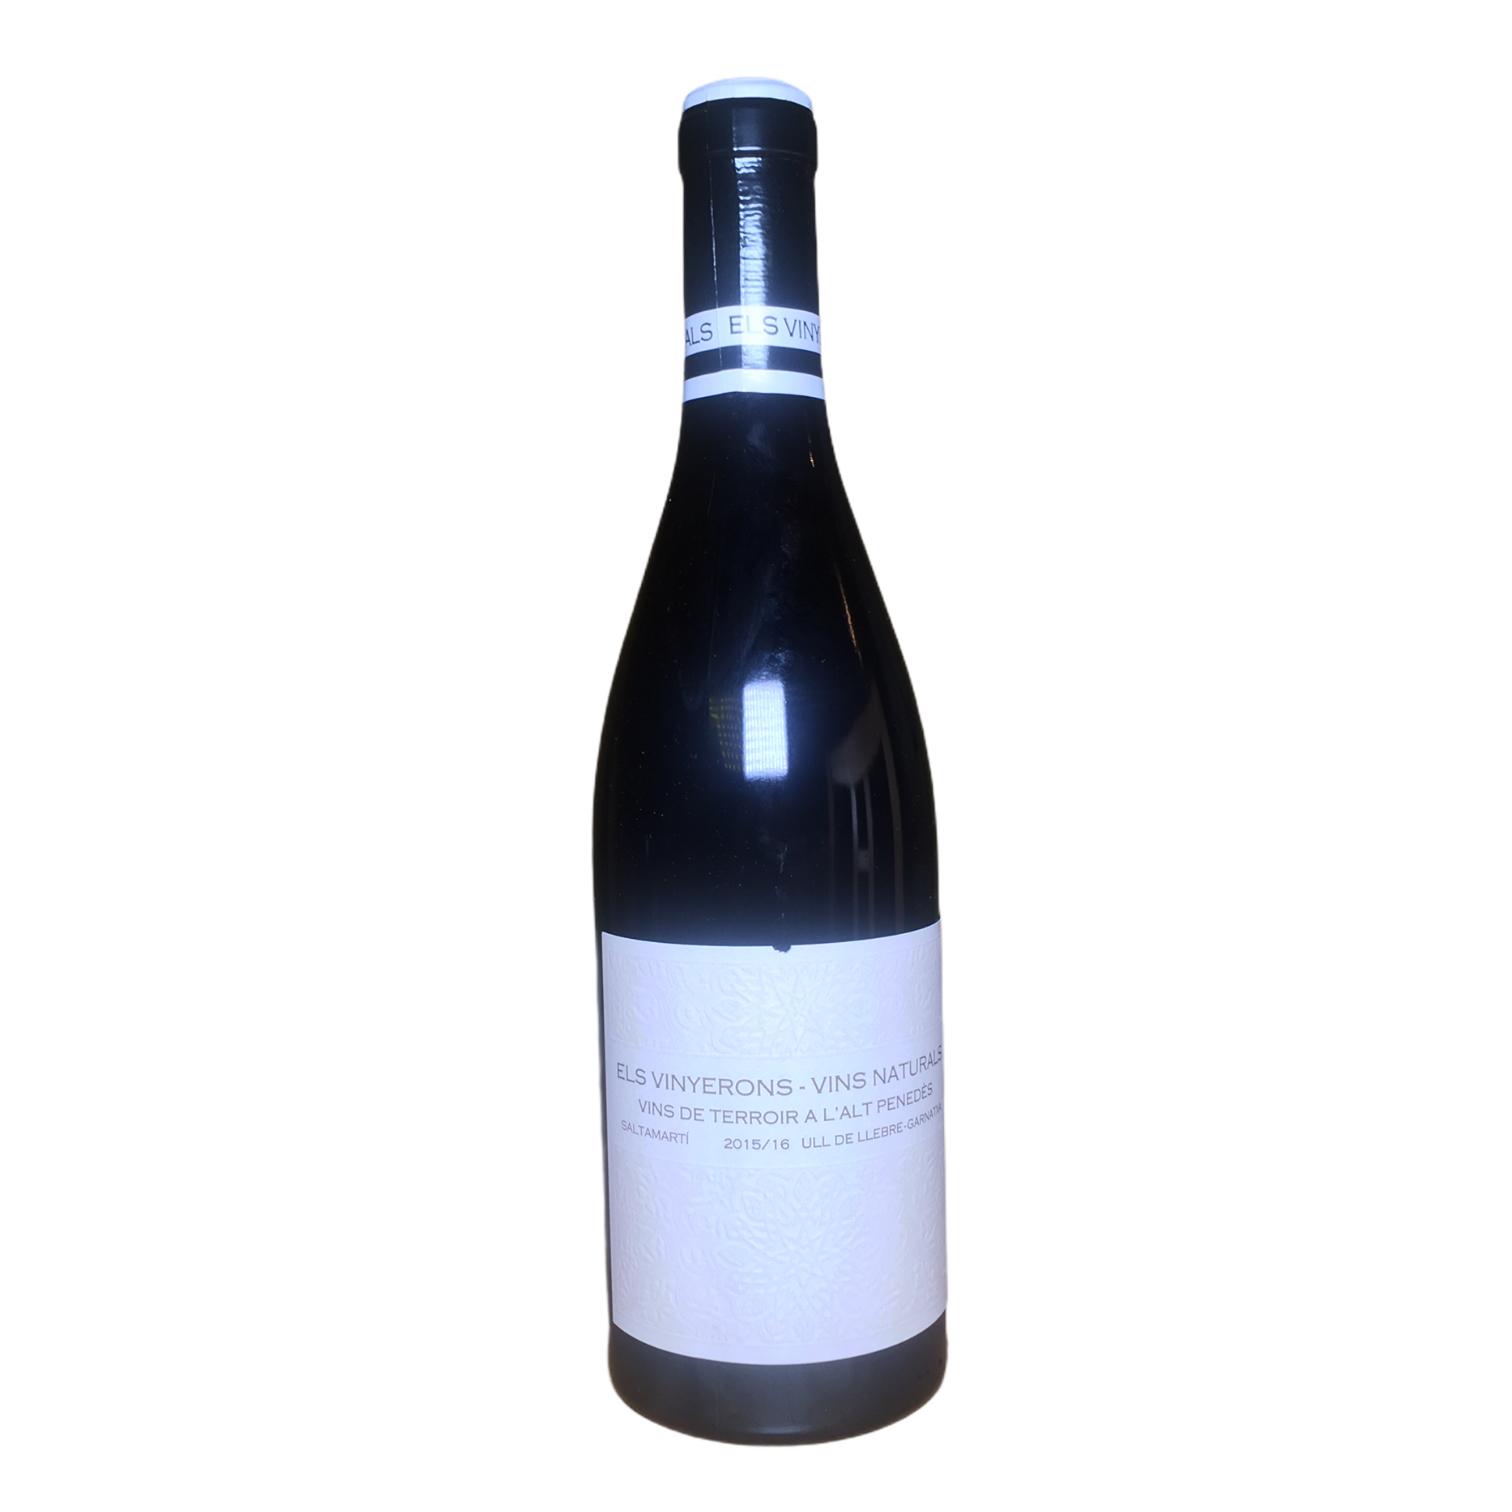 Nové krásné víno Saltamartí